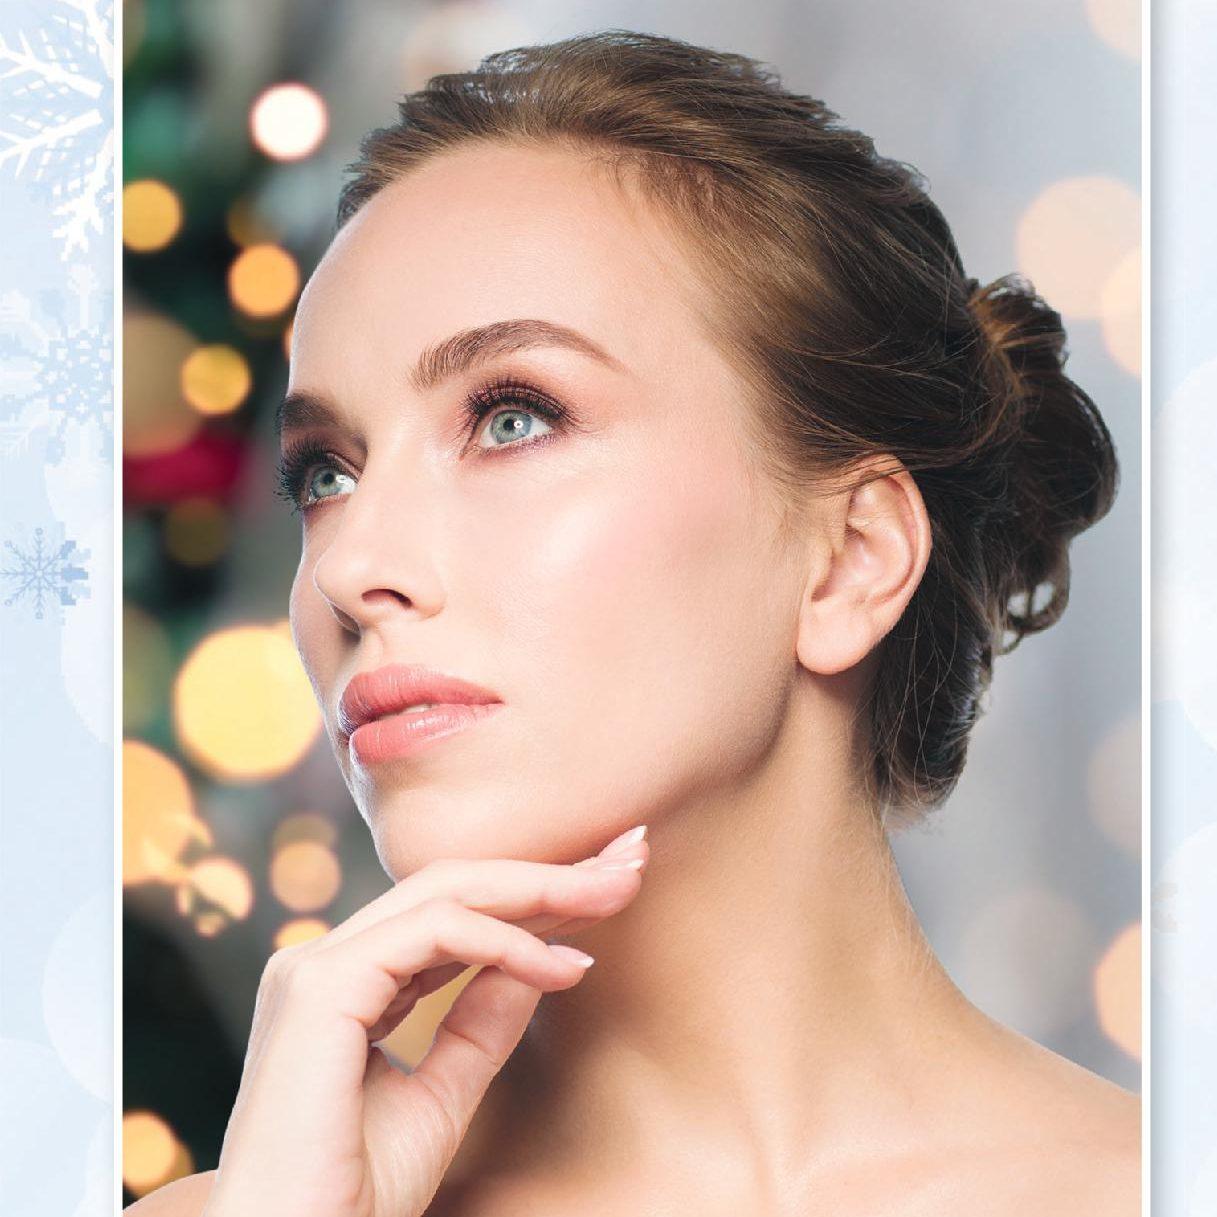 Kosmetik wieder möglich – Termine jetzt vereinbaren